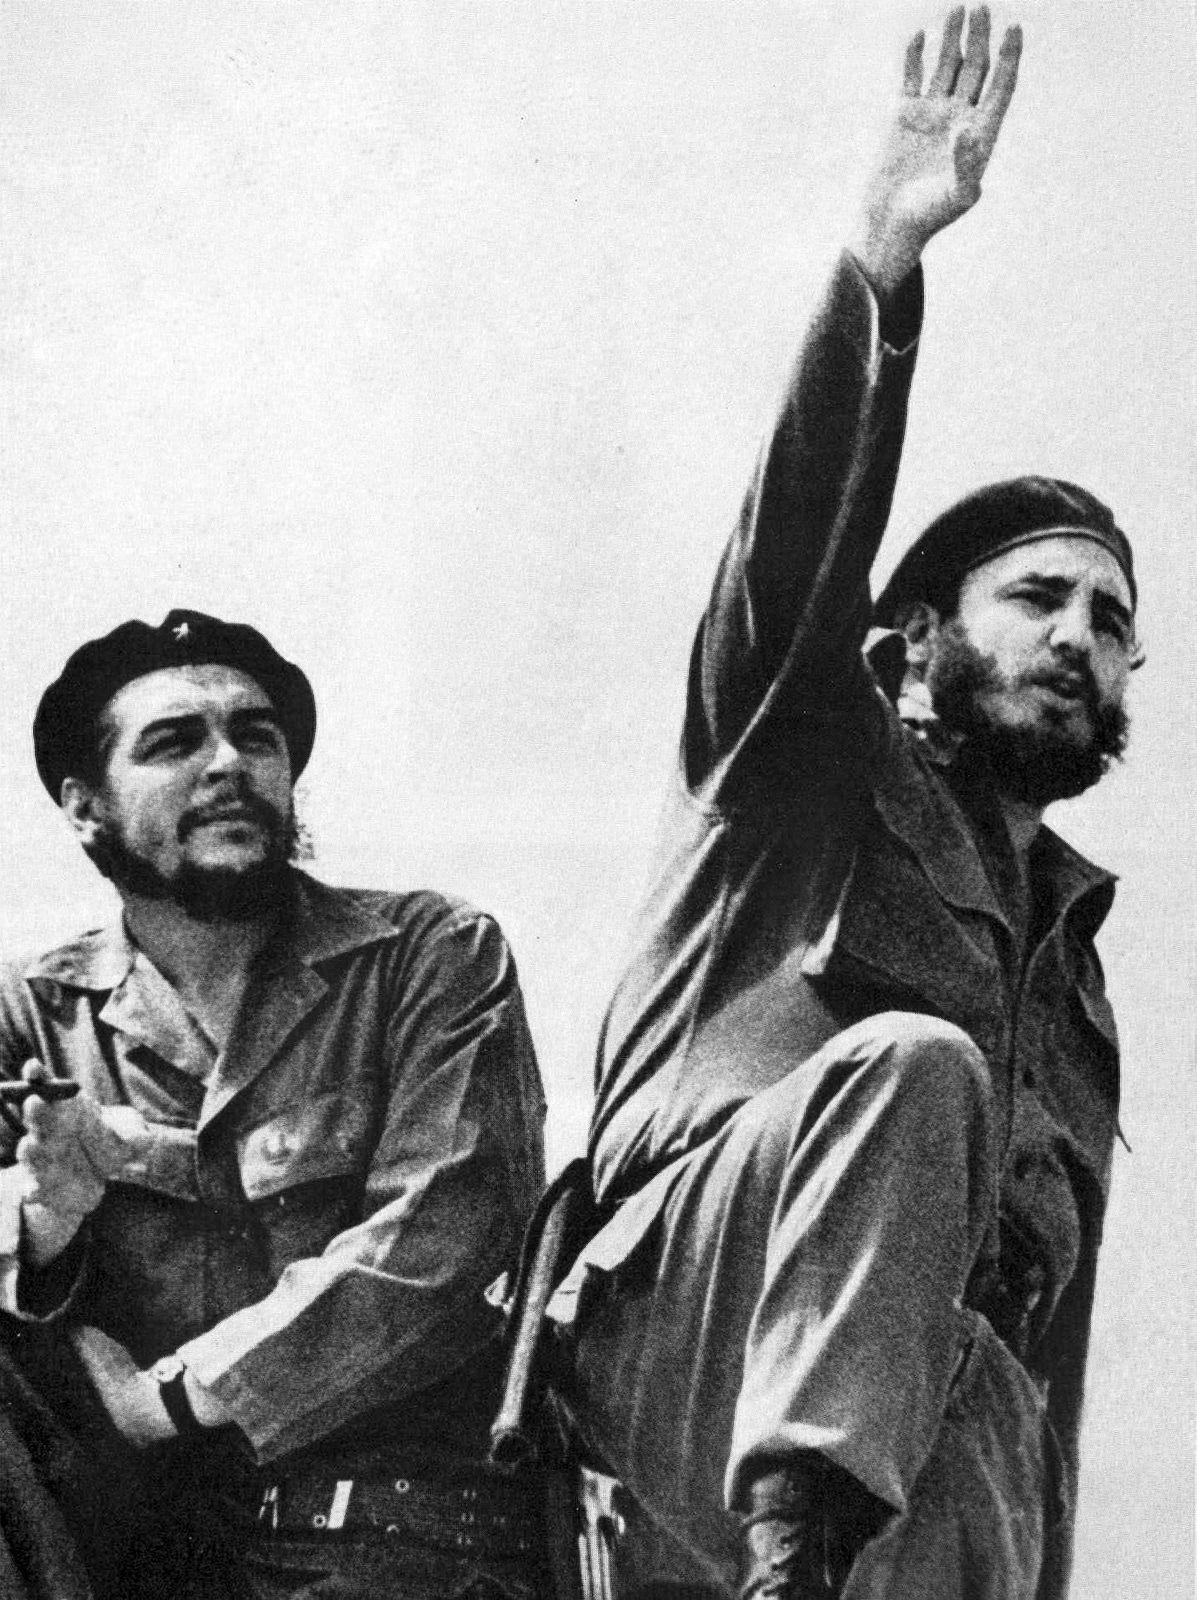 """Podle časopisu se Guevara (vlevo) honosil pro ženy """"zničujícím"""" sladkým a melancholickým úsměvem. Byl vysoce inteligentní i vnímavý. Na snímku z roku 1961 s Fidelem Castrem."""